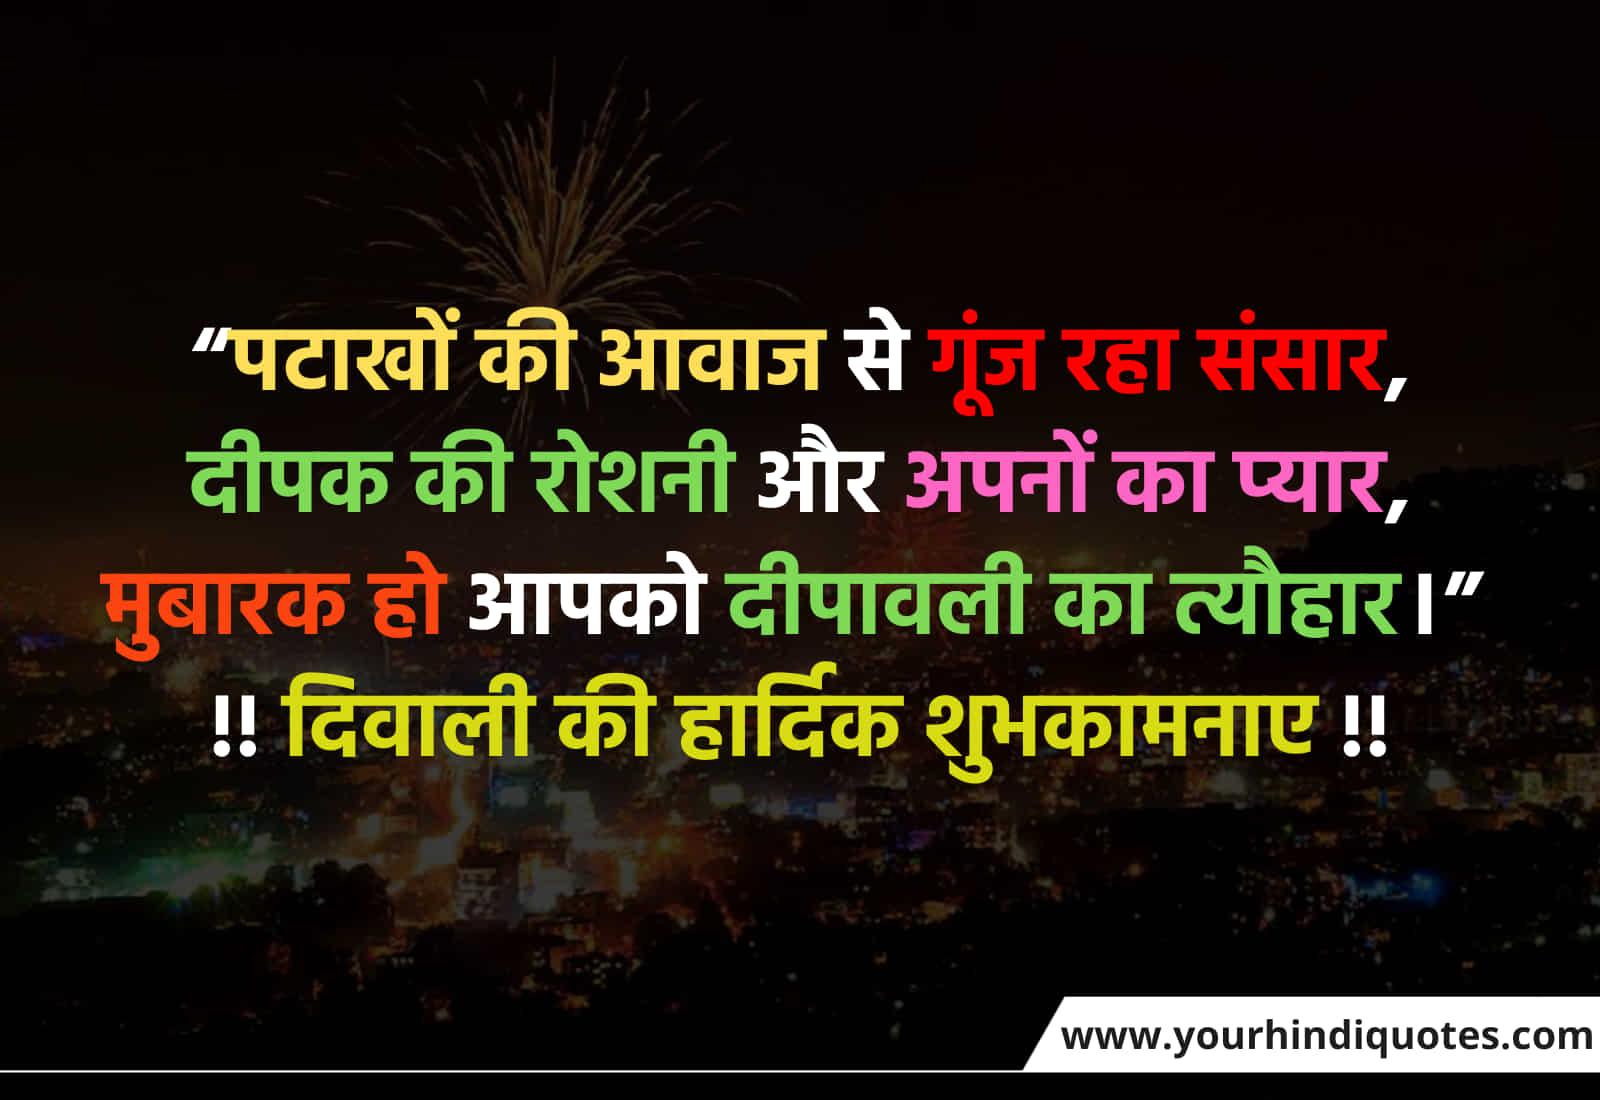 Inspirational Happy Diwali Wishes